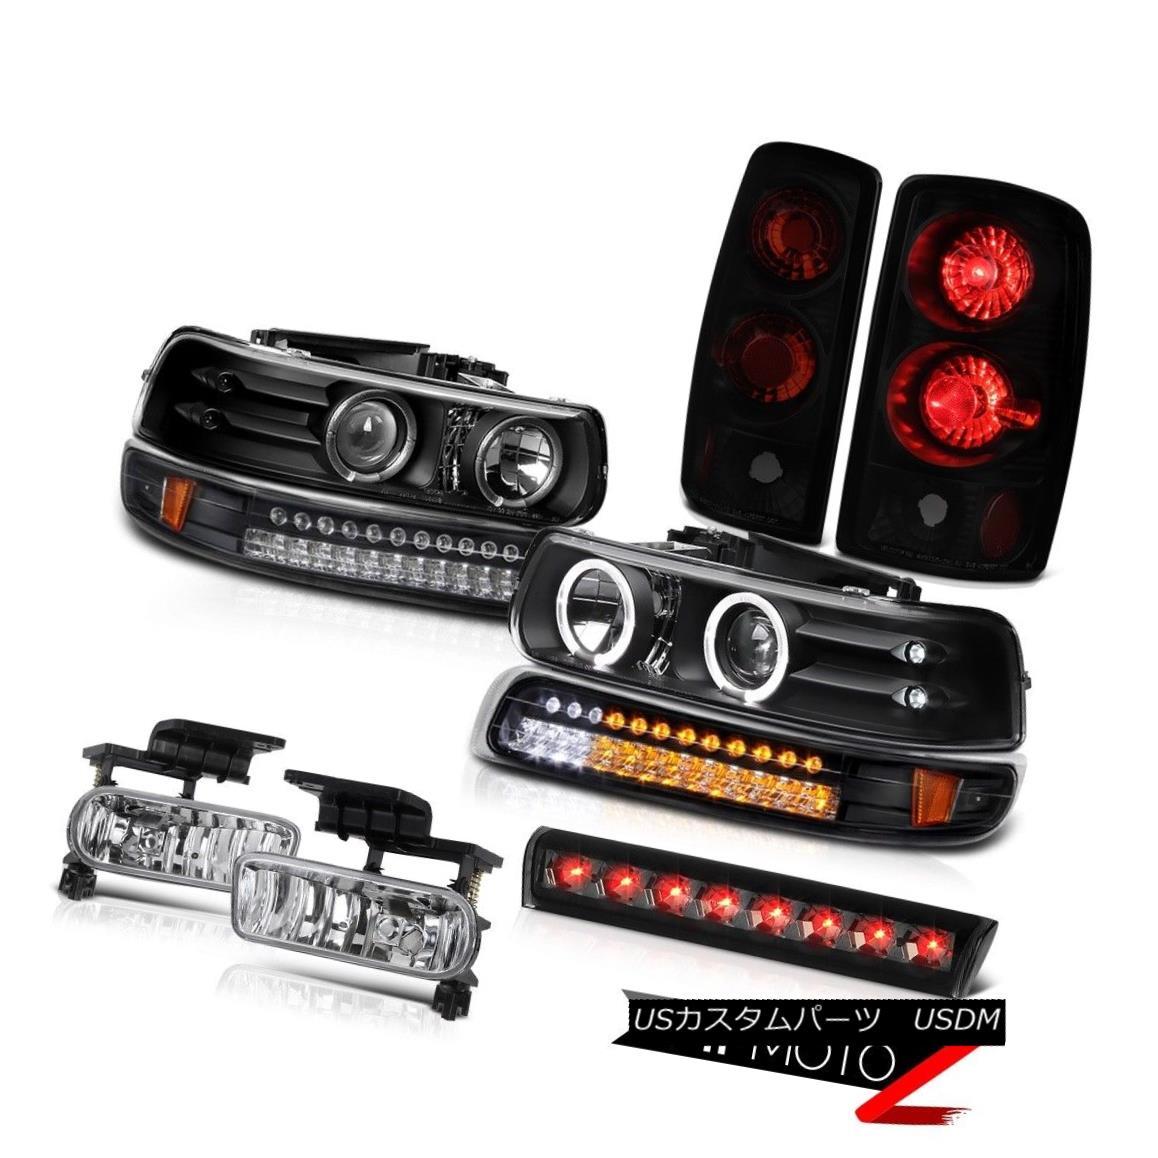 テールライト 2000-2006 Suburban 2500 Z71 Roof cab lamp fog lamps tail bumper Headlamps Euro 2000-2006郊外2500 Z71ルーフキャブ用ランプフォグランプテールバンパーヘッドランプ